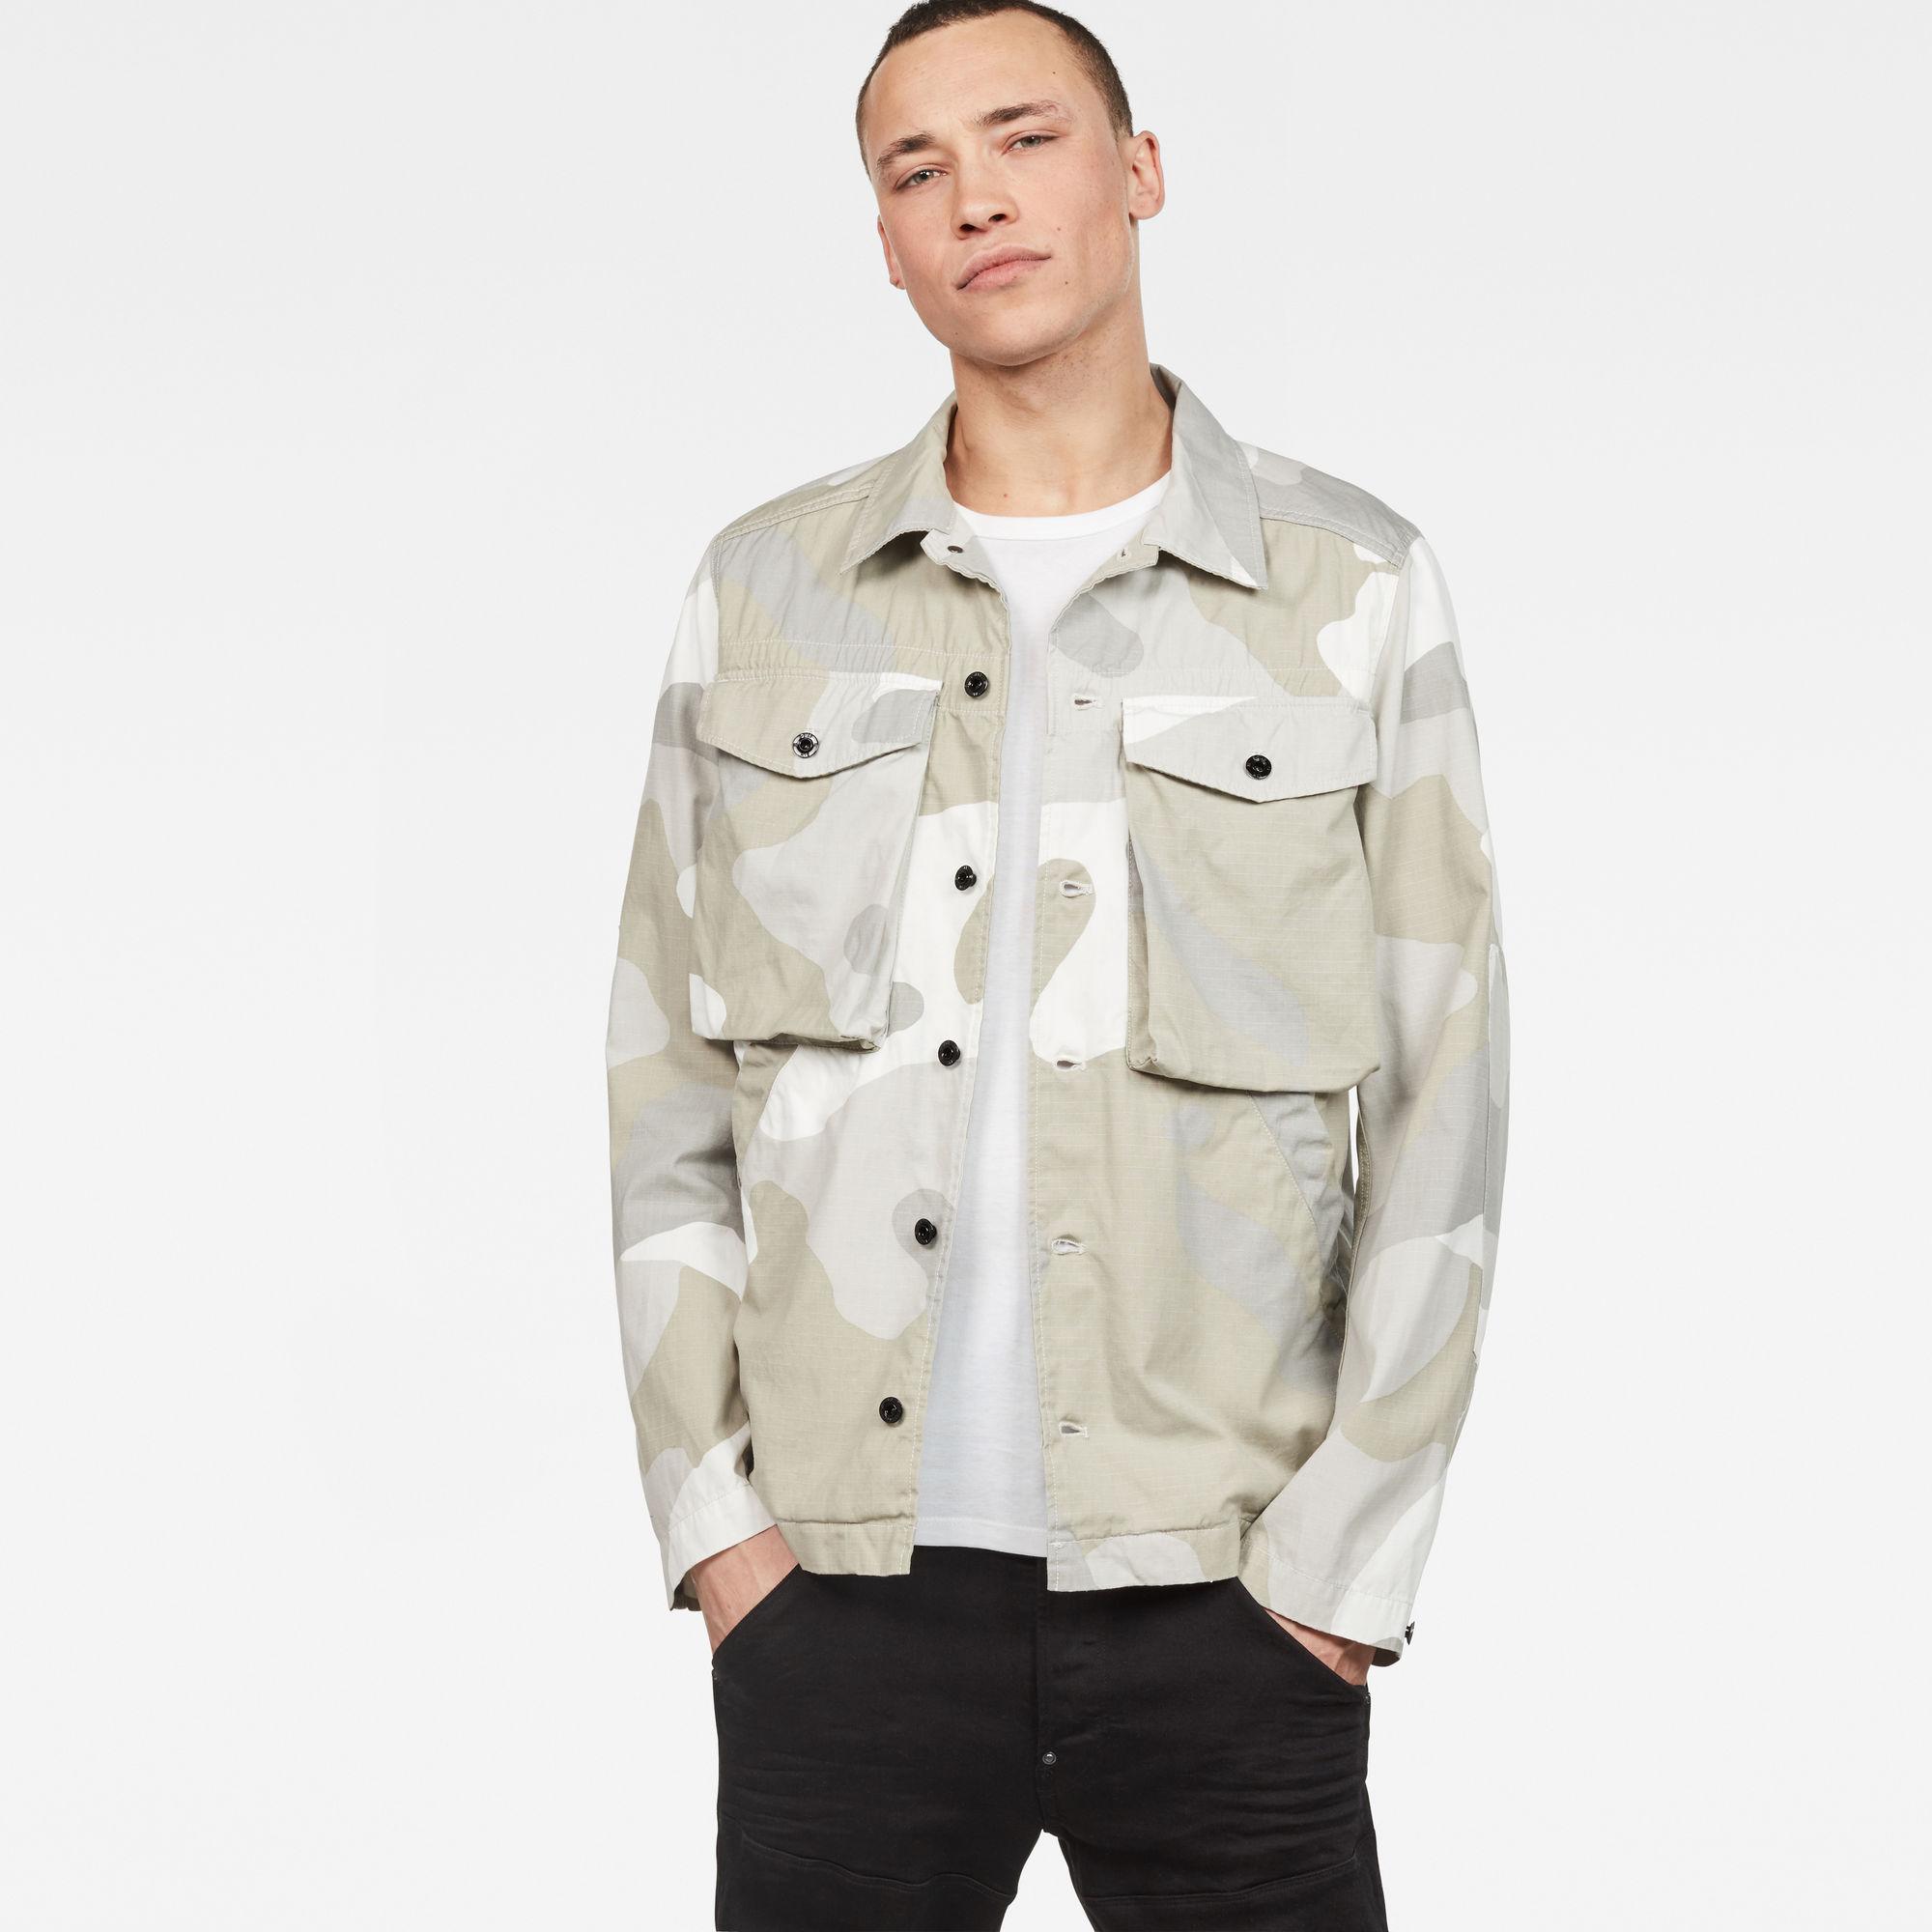 Type C Army Overshirt